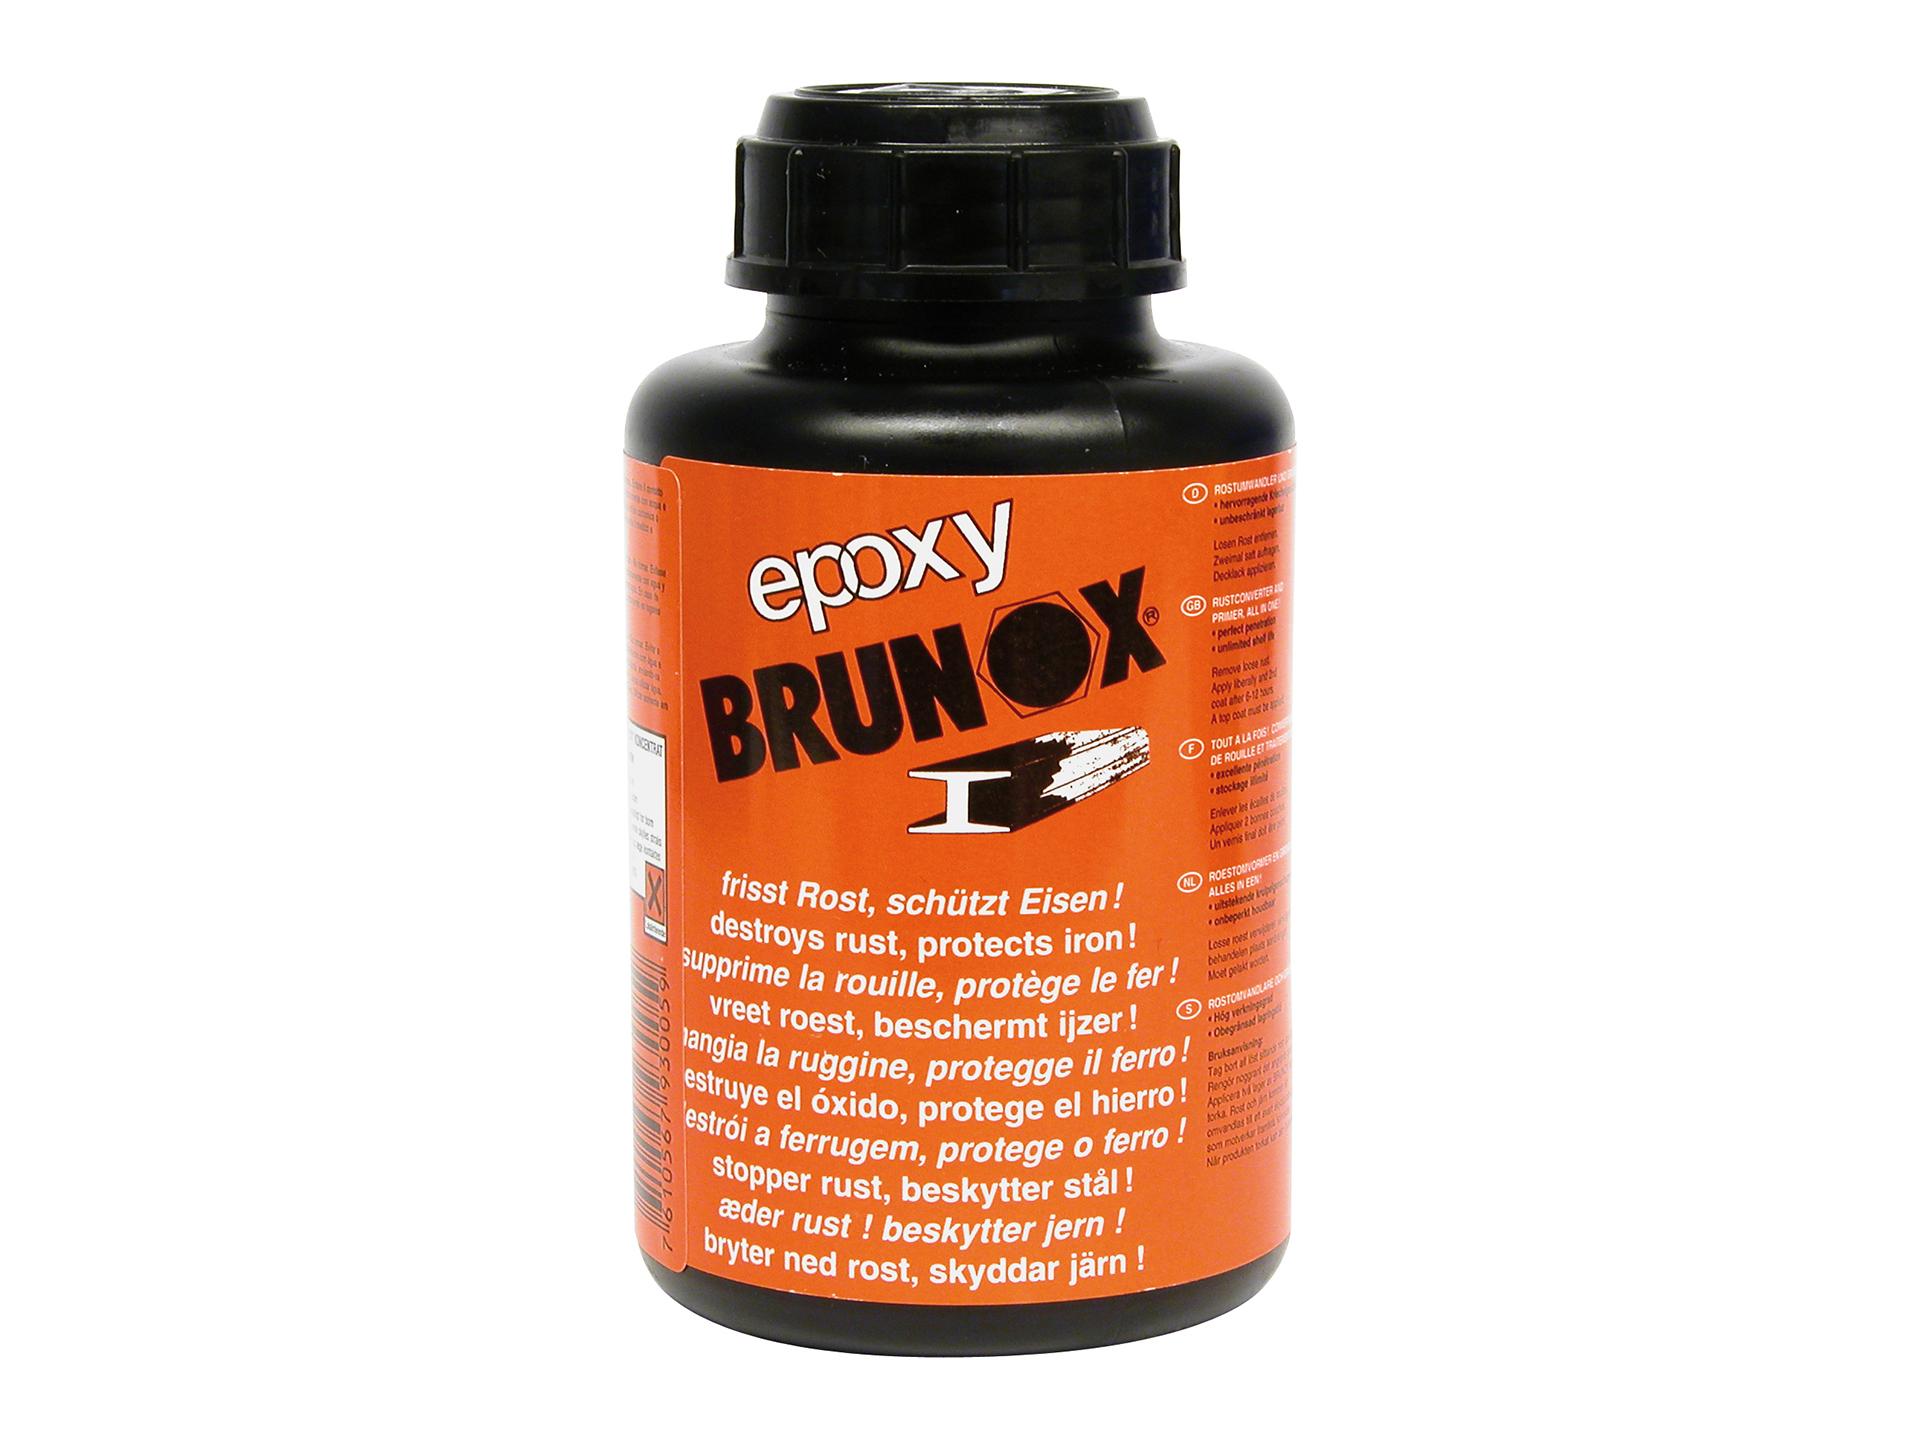 Afbeelding van Brunox epoxy roestomvormer grondlaklaag in n 250 ml, flacon